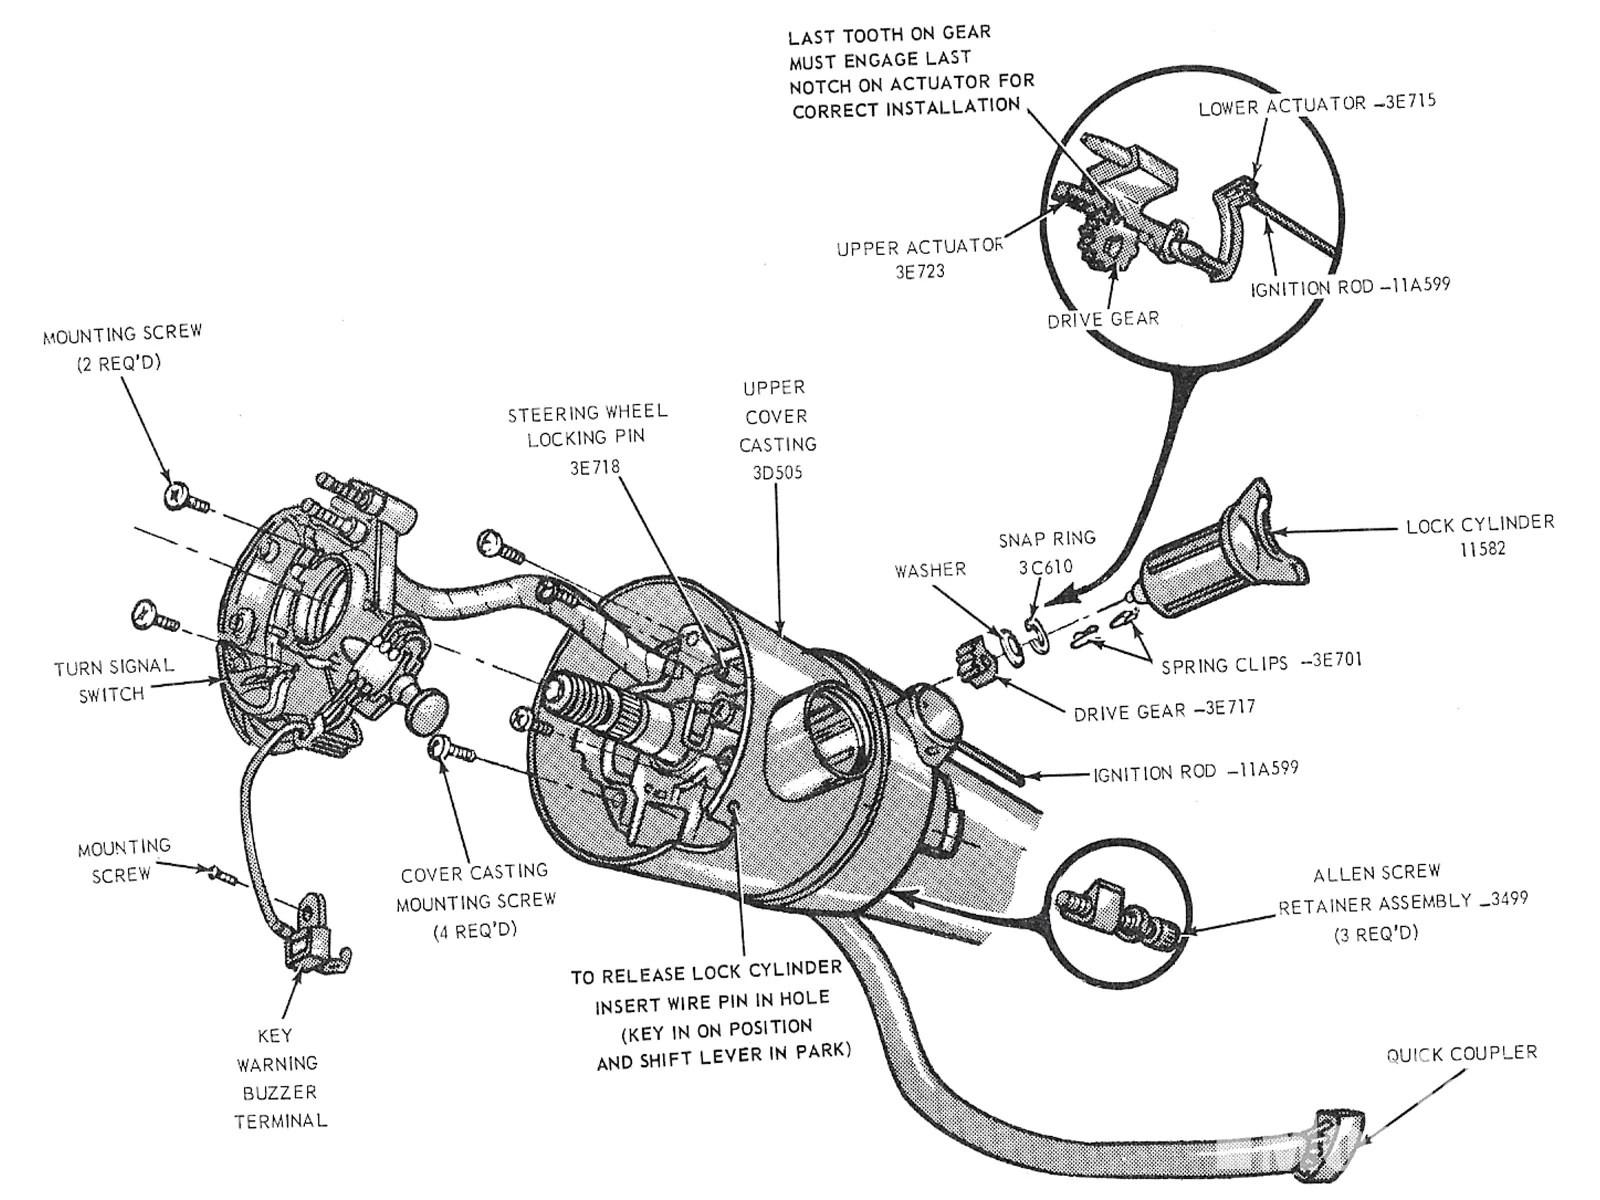 medium resolution of mump 1012 04 ford mustang locking steering columns locking tilt column diagram